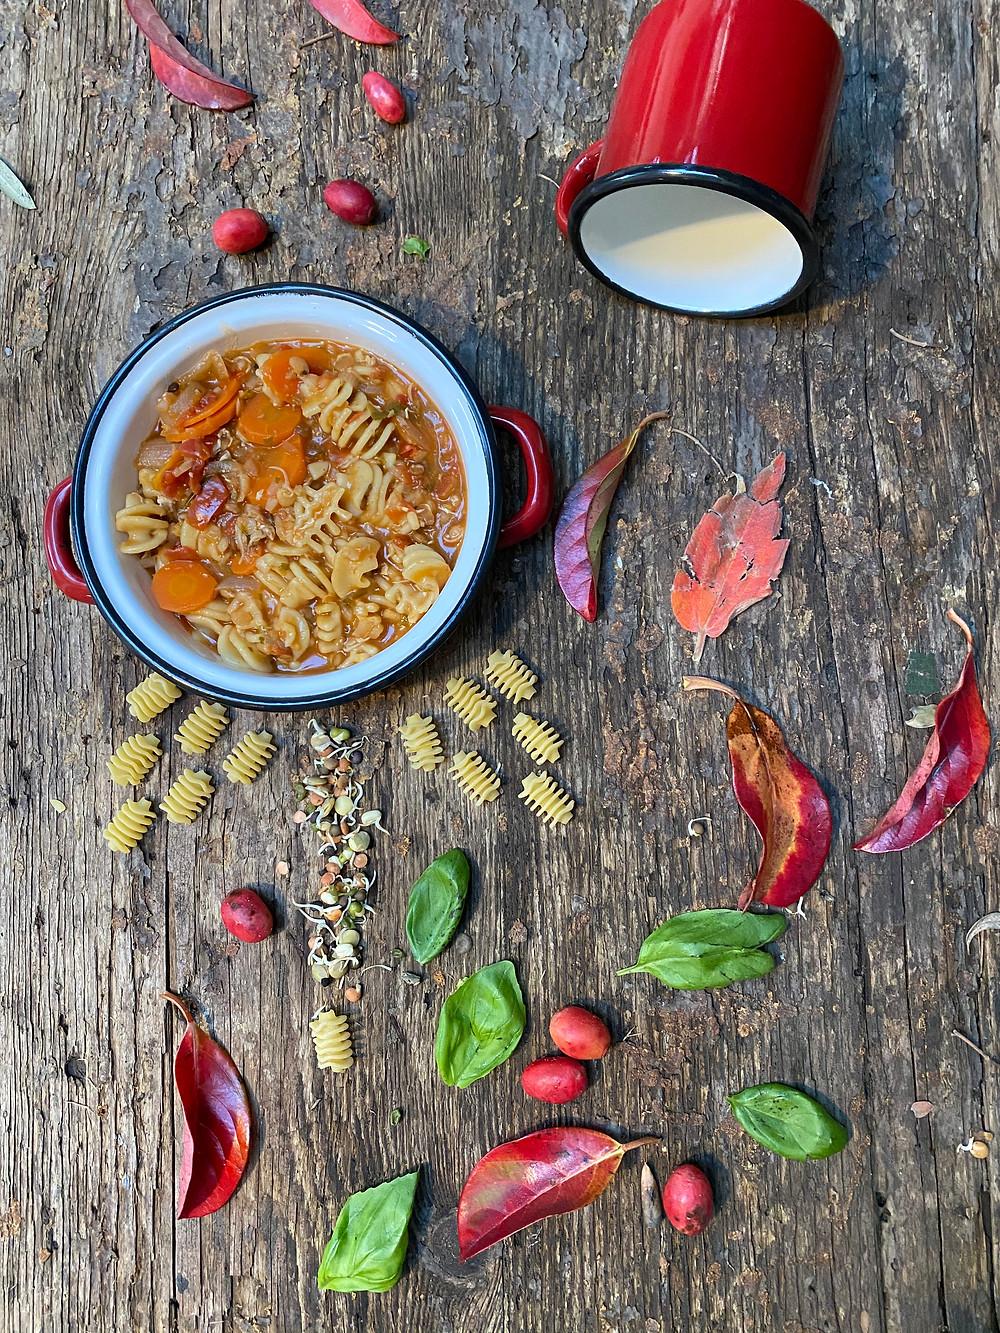 מרק חרירה טבעוני. צילום עודד חוברה